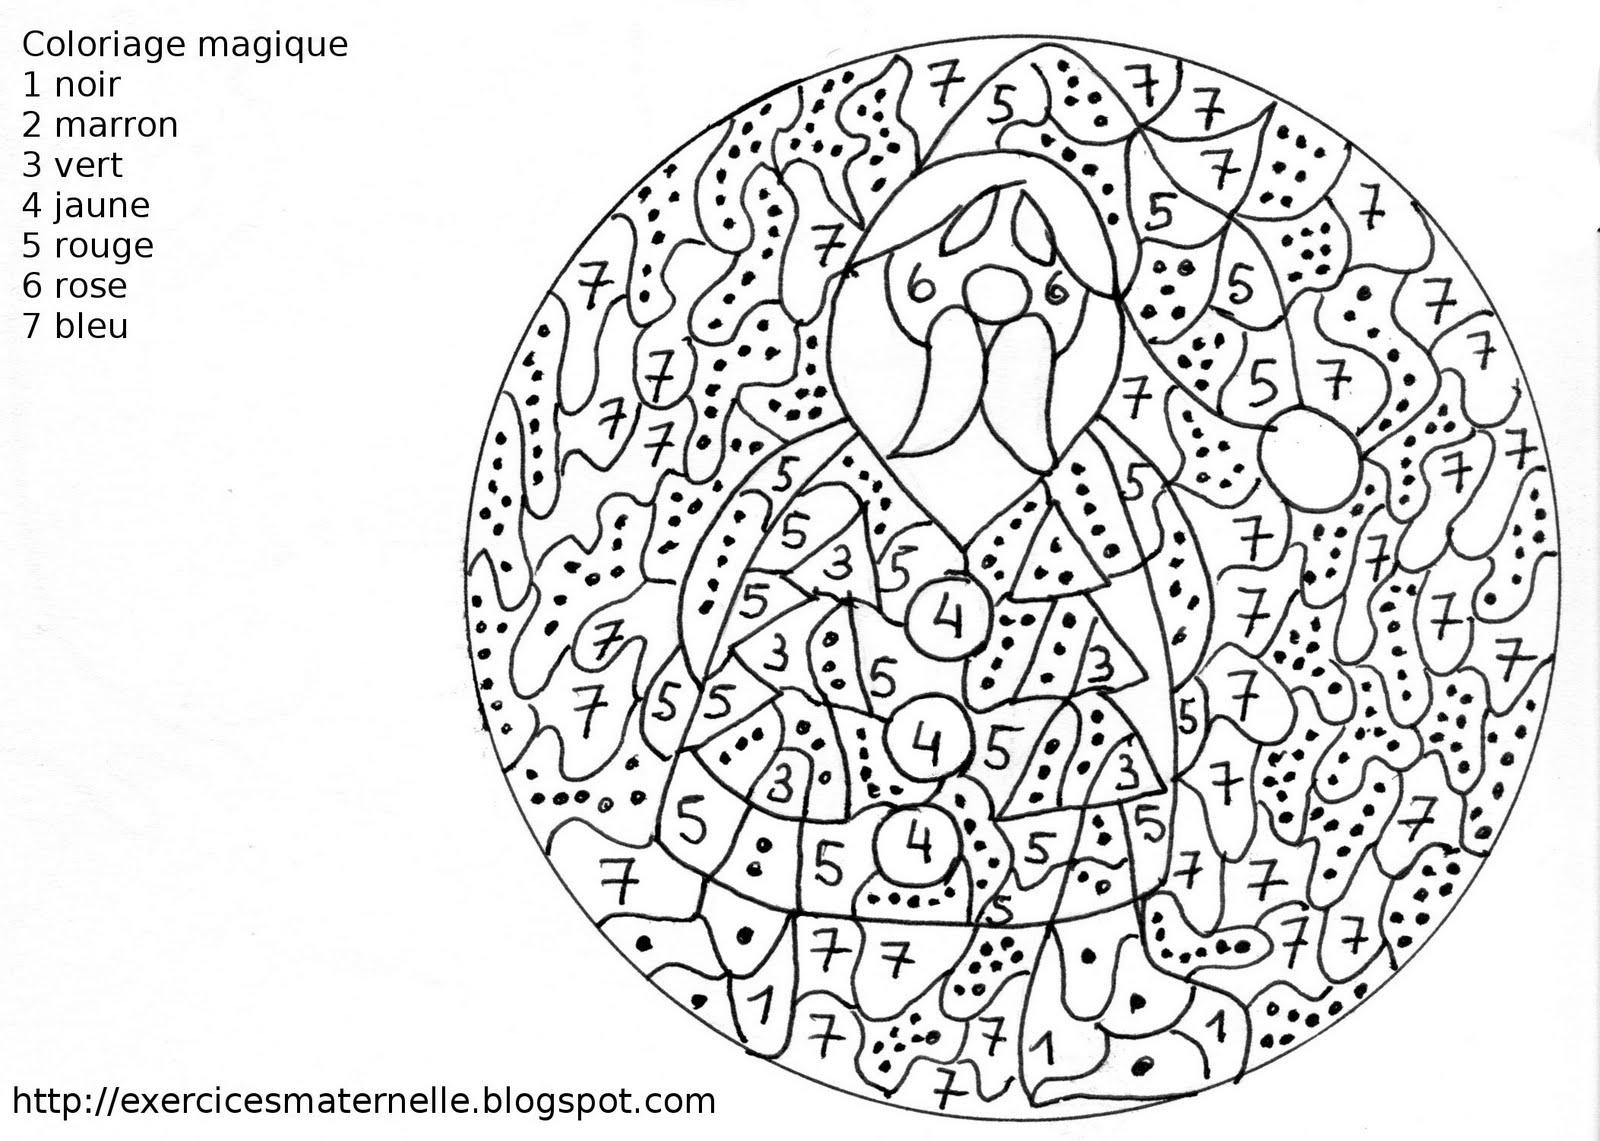 Coloriage Magique De Noel.Maternelle Coloriage Magique Le Pere Noel